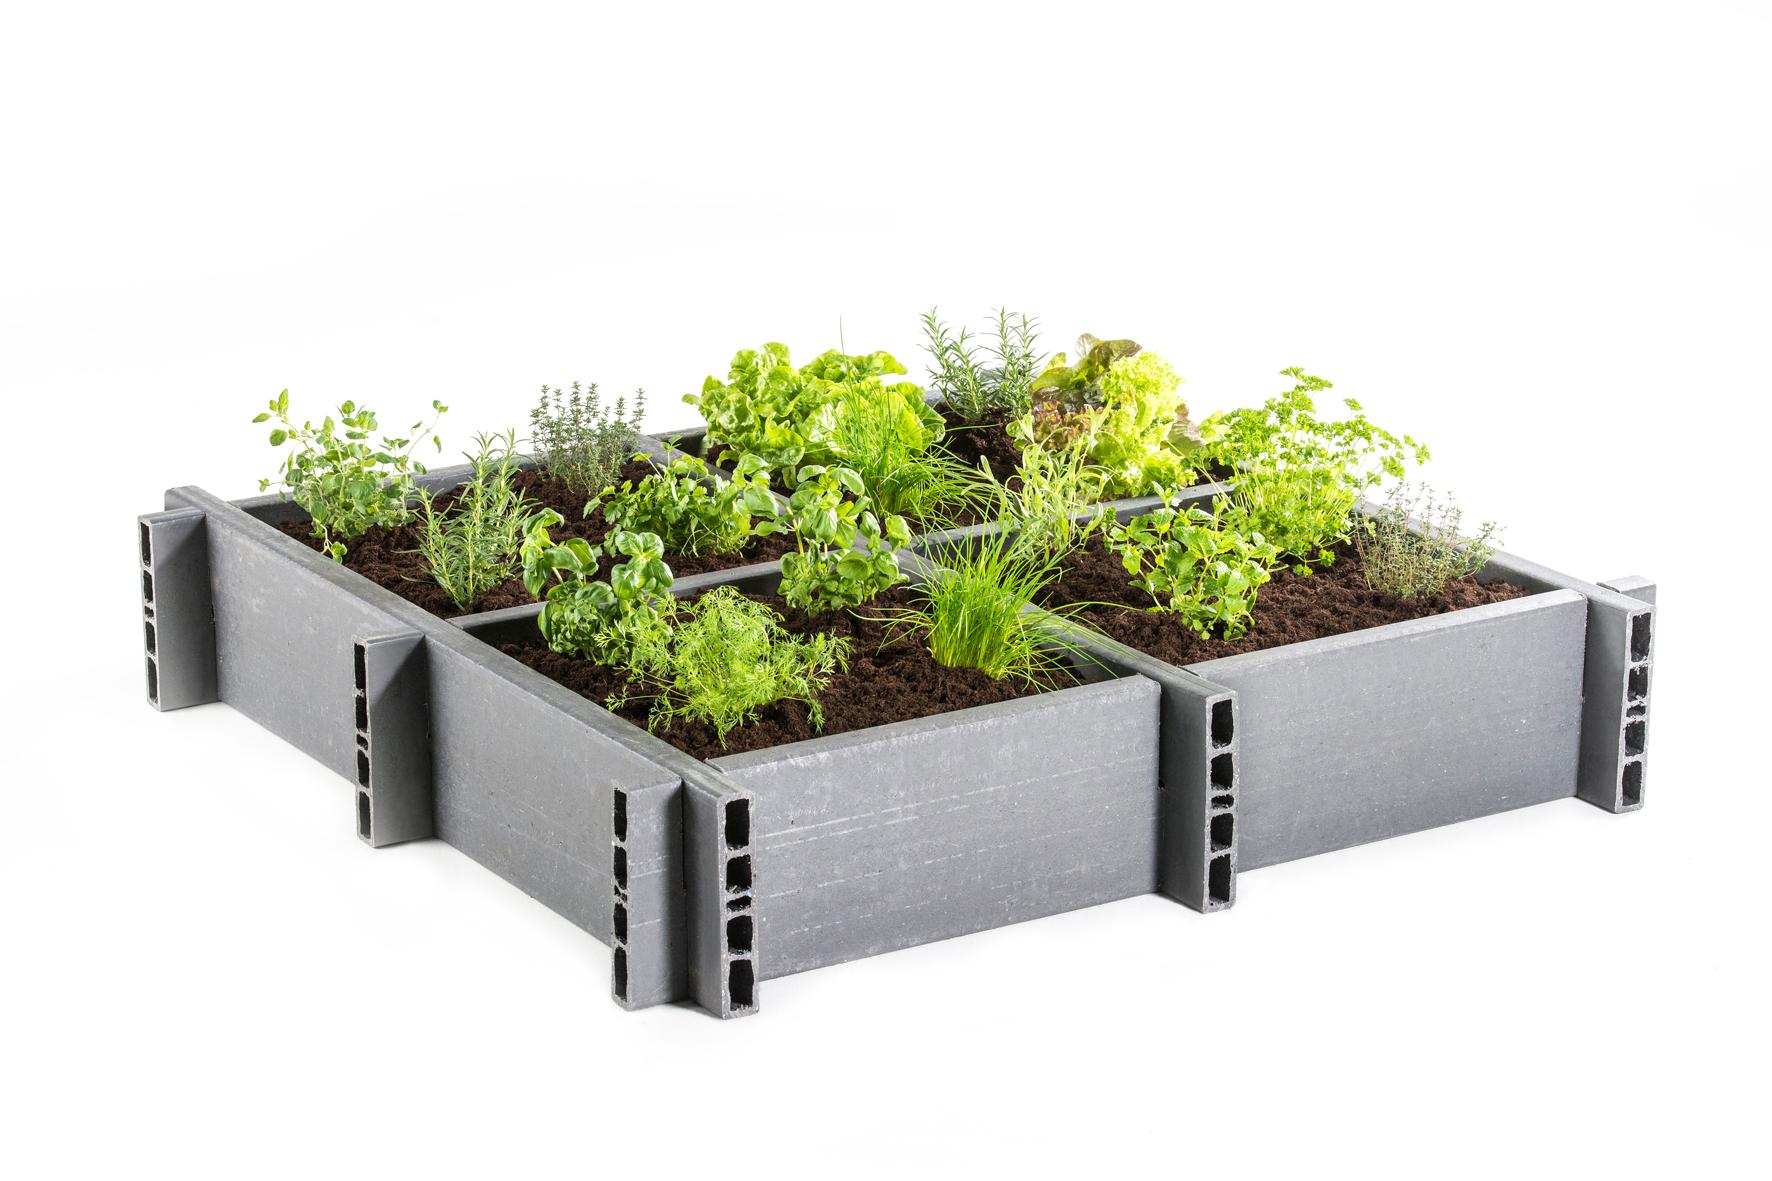 Bac potager ecoplanc achat en ligne ou dans notre magasin for Catalogue de plantes